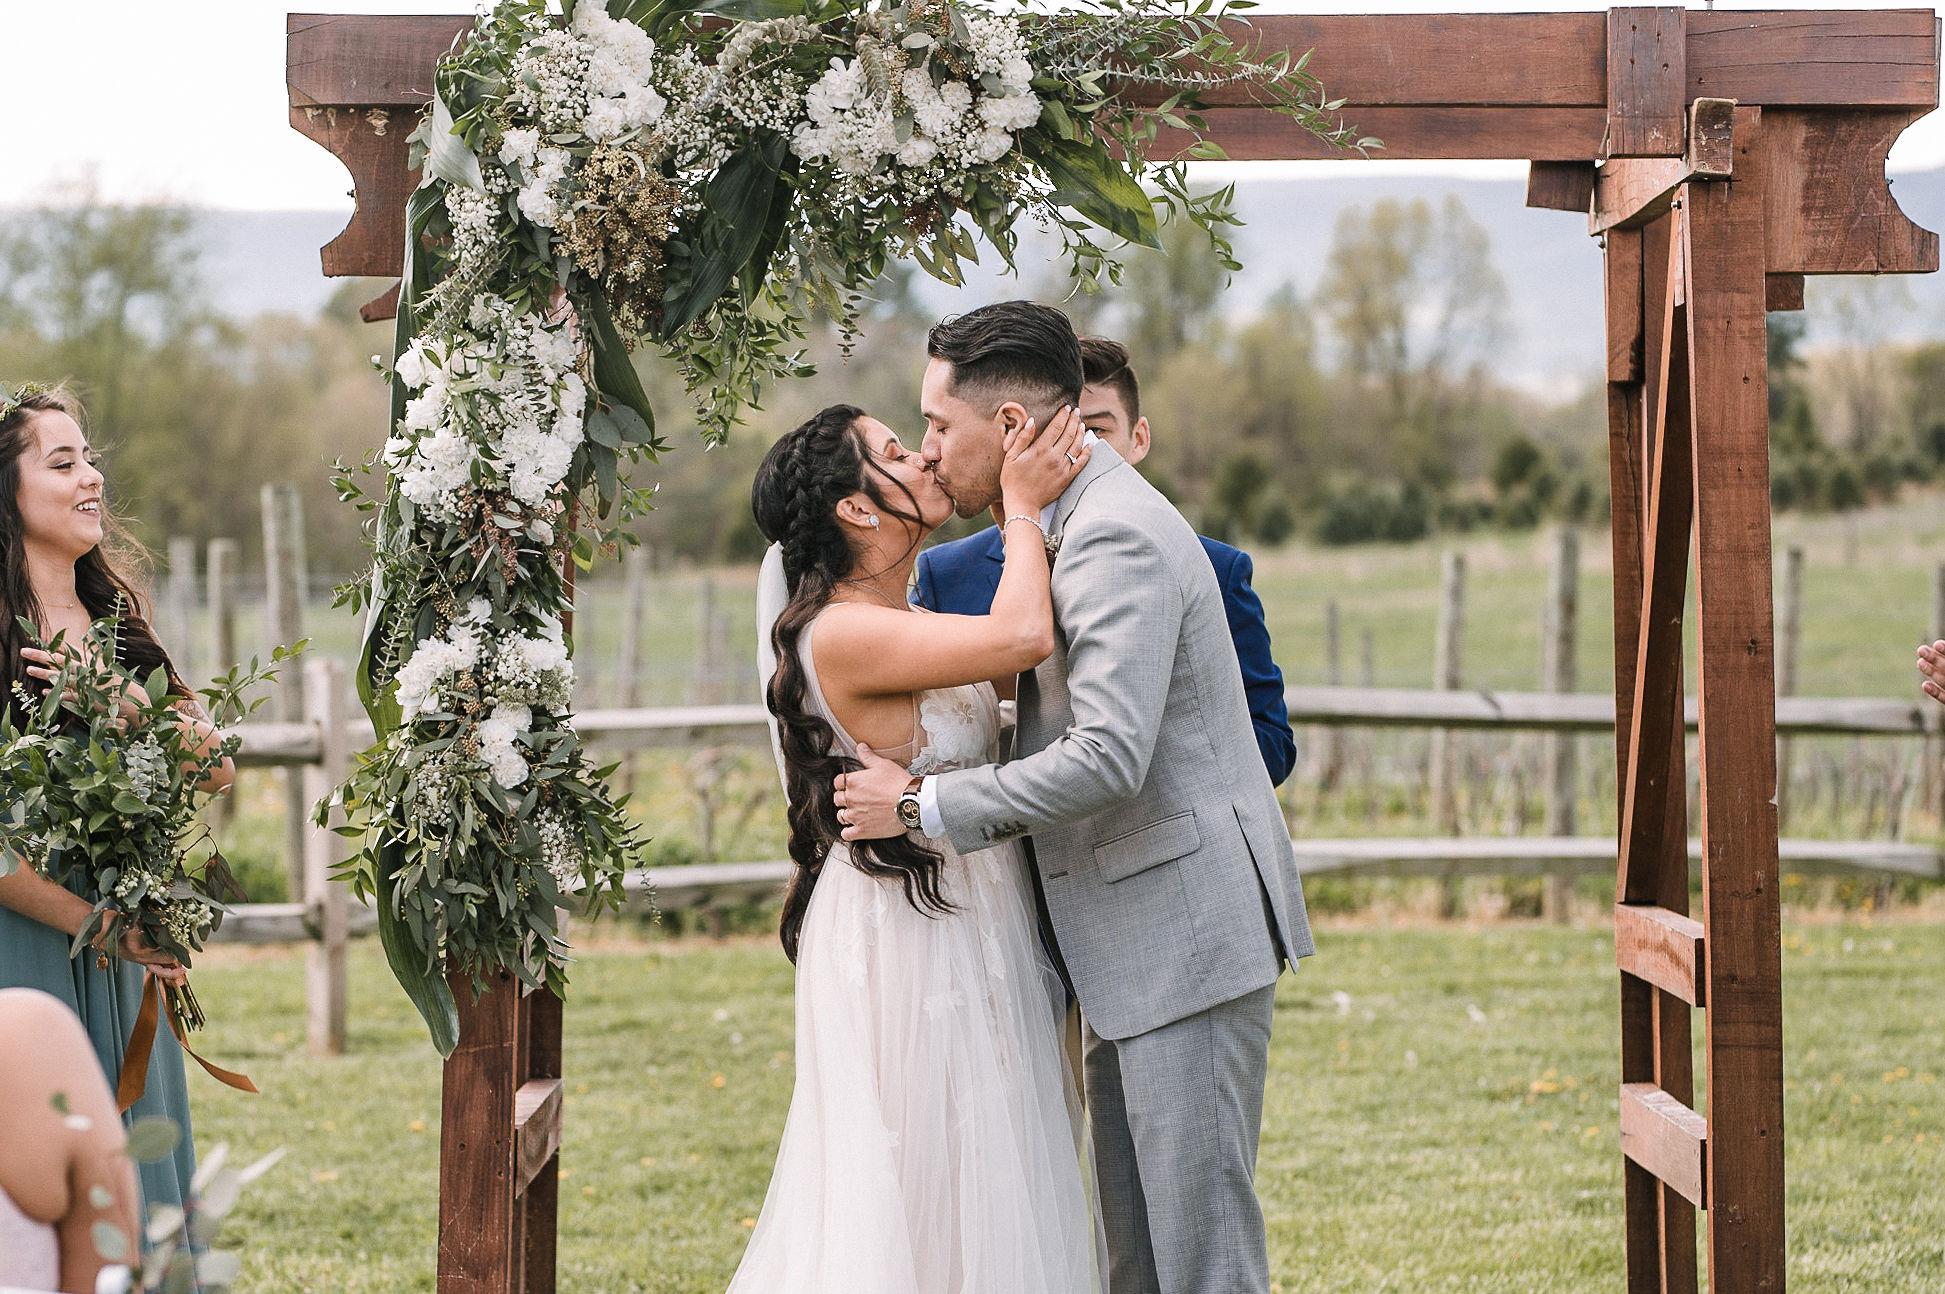 bride and groom kiss at altar at the Faithbrooke Barn & Vineyards